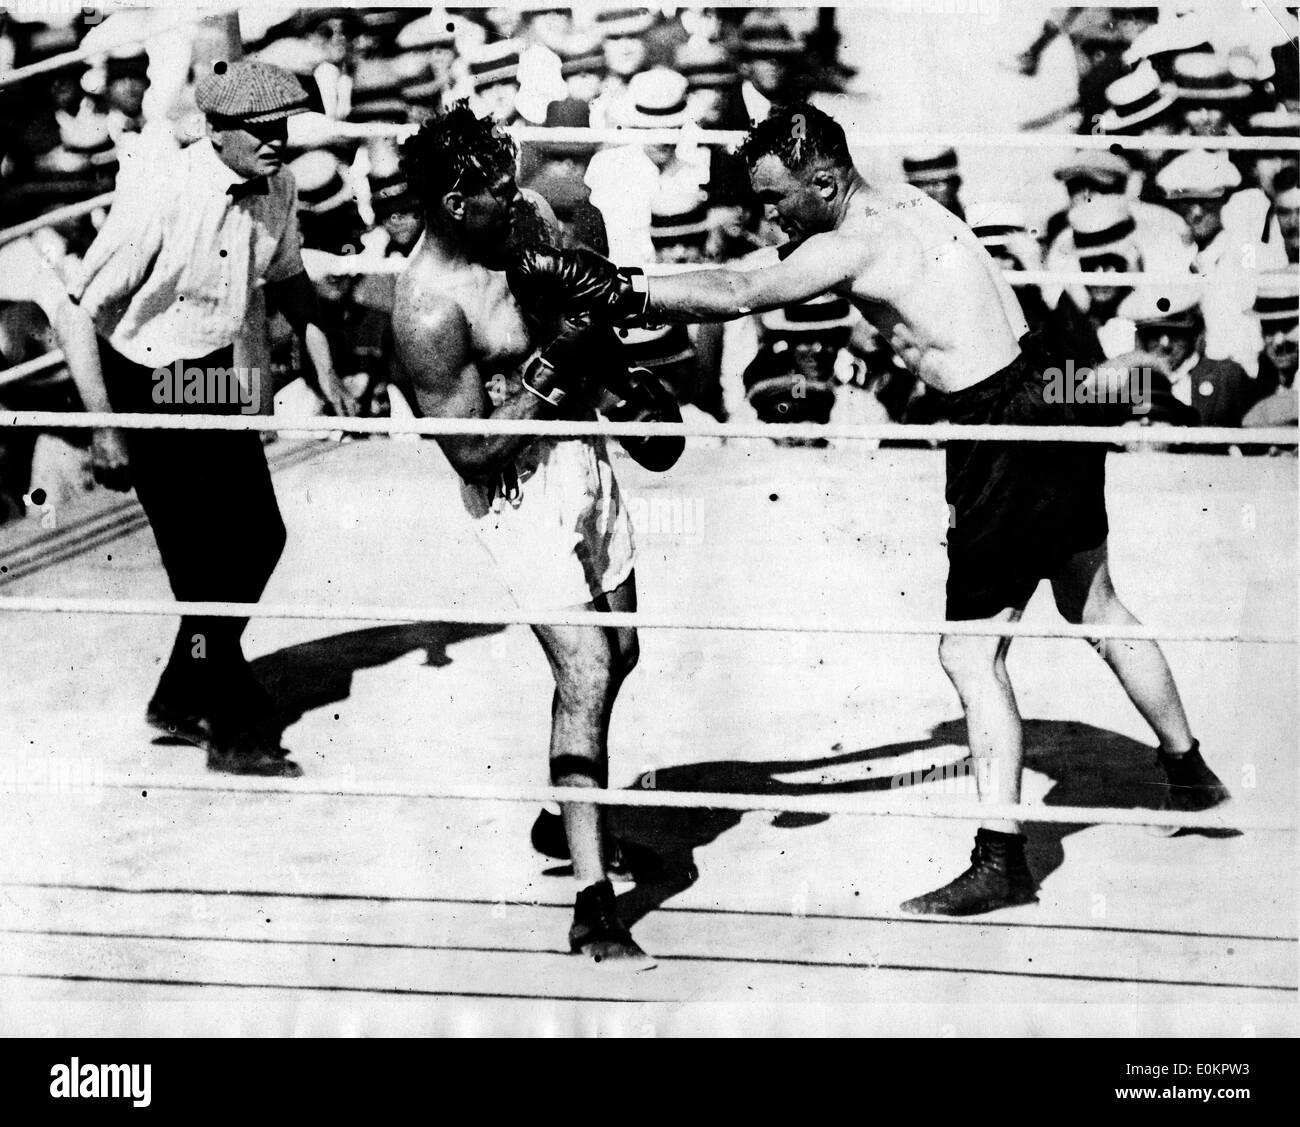 Jack 'Manassa Mauler' Dempsey fighting in New York, New York - Stock Image